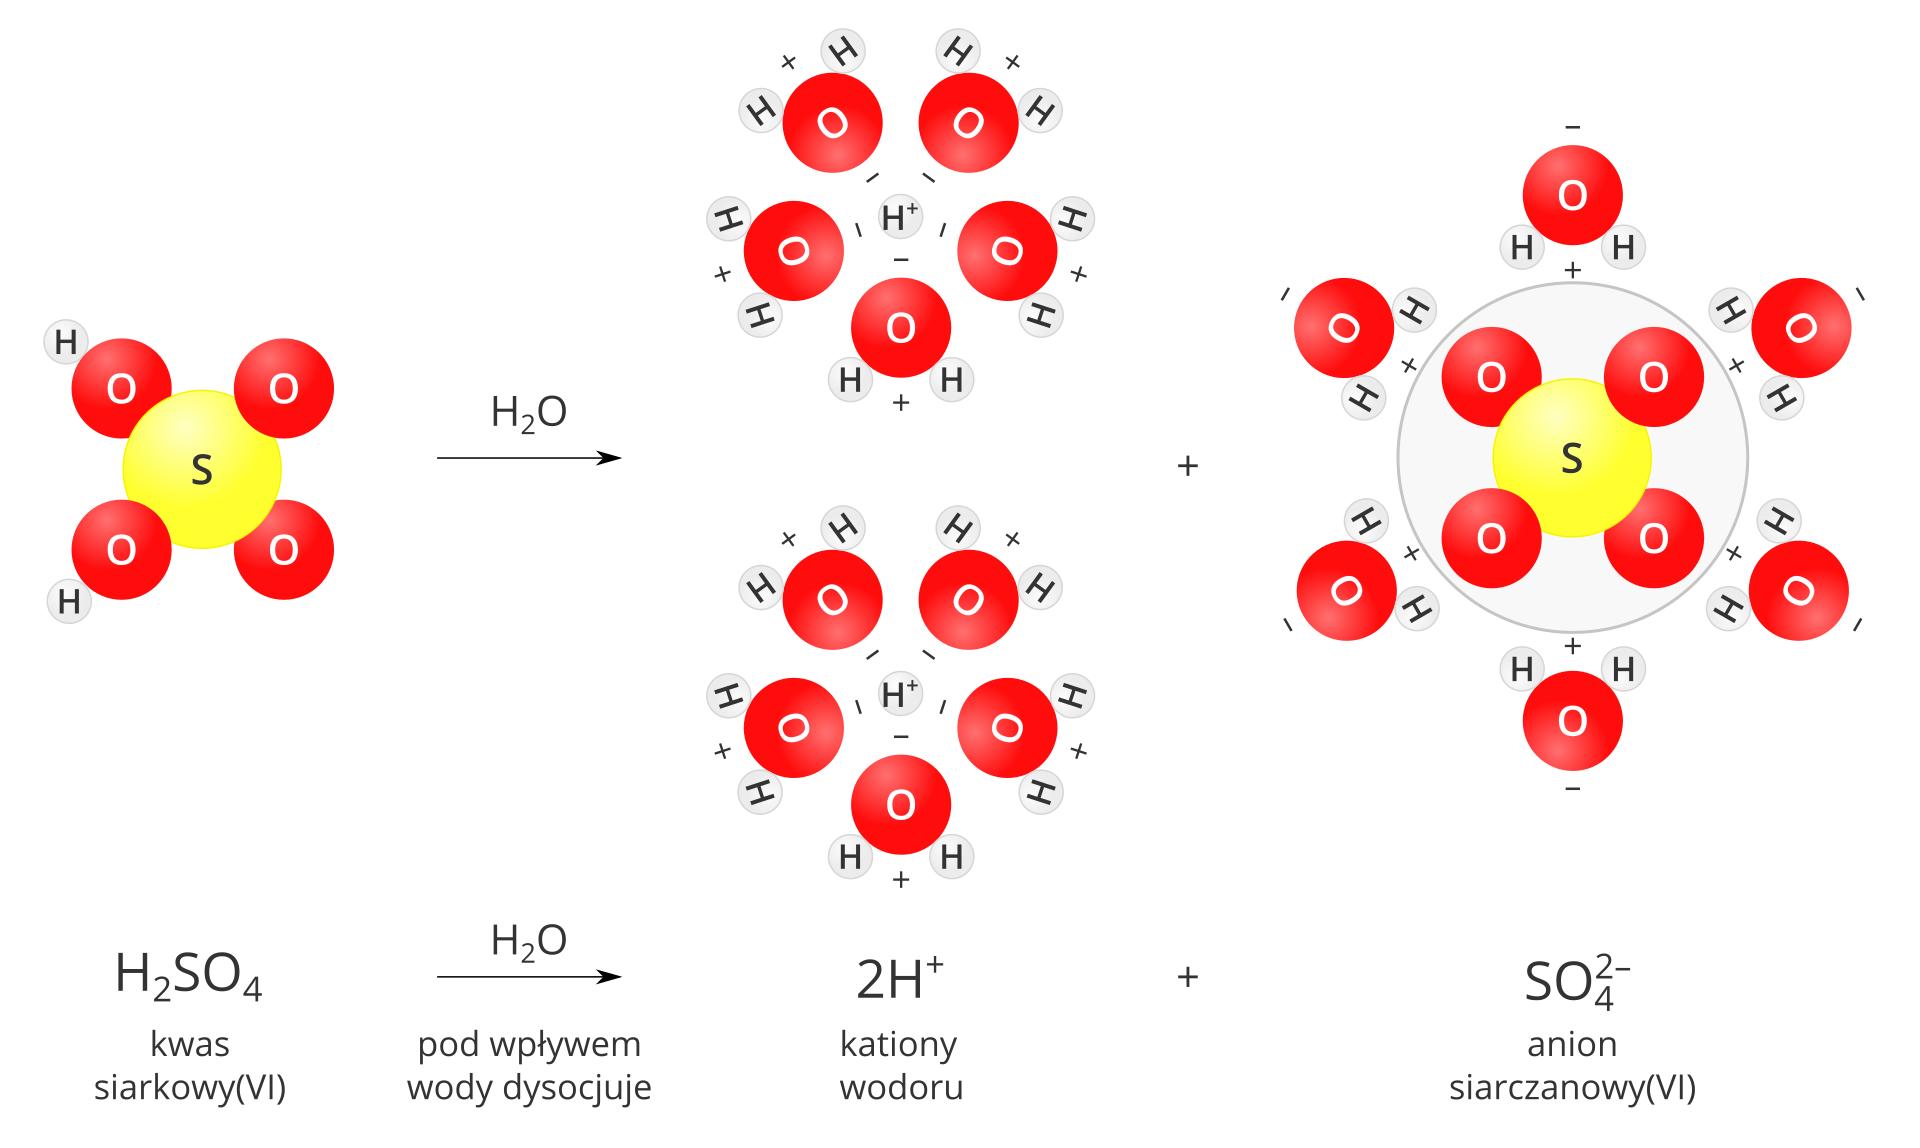 Modelowy schemat dysocjacji kwasu siarkowego sześć. Po lewej stronie planszy znajduje się model cząsteczki kwasu zbudowany zjednej żółtej kuli oznaczonej literą S, przylegających do niej czterech czerwonych kul oznaczonych literą Ooraz dwóch szarych, małych kulek oznaczonych literą H, przylegających do atomów tlenu po lewej stronie cząsteczki. Po prawej stronie modelu znajduje się znak reakcji wpostaci pojedynczej strzałki skierowanej wprawo. Nad strzałką znajduje się wzór H2O. Środkową iprawą część planszy zajmuje zapis rozpadu na jony: dwie małe szare kulki oznaczone jako Hplus, znak dodawania oraz model reszty kwasowej zżółtą kulą iliterą Swśrodku otoczony jest czterema przylegającymi do niej czerwonymi kulami zliterą O. Reszta kwasowa zamknięta jest wszarym okręgu, co podkreśla, że tworzące ją atomy stanowią jedną całość. Zarówno jony Hplus, jak ireszta kwasowa otoczone są dipolami wody zwróconymi wstronę jonów stronami oładunku przeciwnym do ładunku danego jonu. Pod ilustracją słowny isumaryczny zapis reakcji: Kwas siarkowy sześć H2SO4 pod wpływem wody dysocjuje na dwa kationy wodoru Hplus ijeden anion siarczanowy SO4 dwa minus.